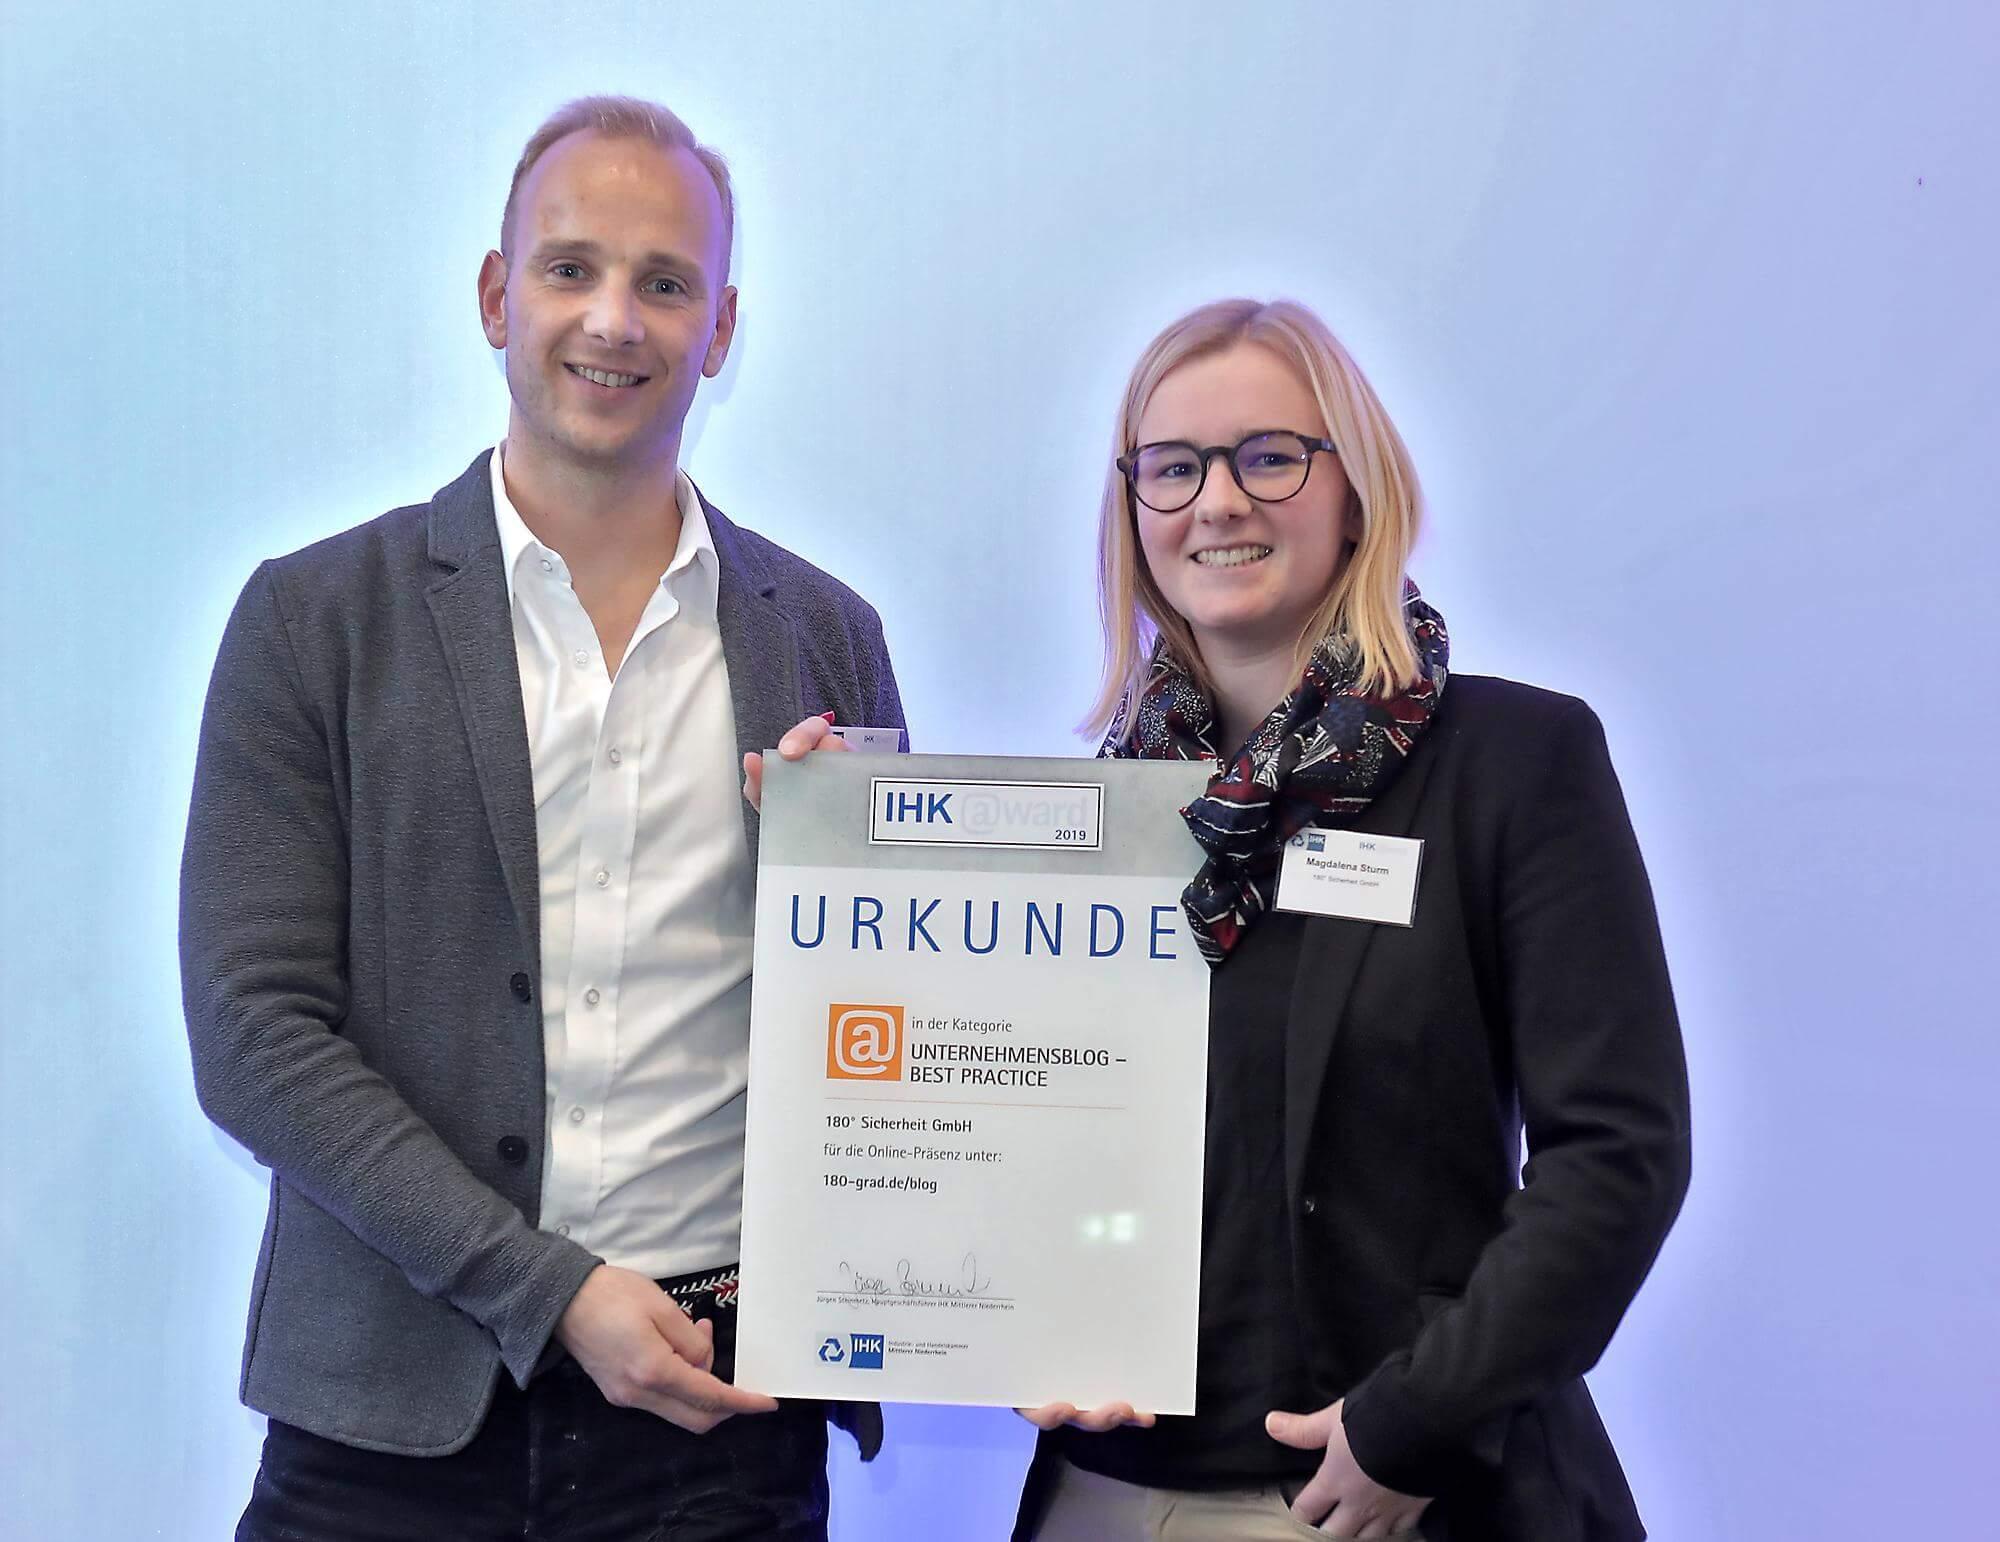 Gewinner mit Urkunde beim IHK-Award